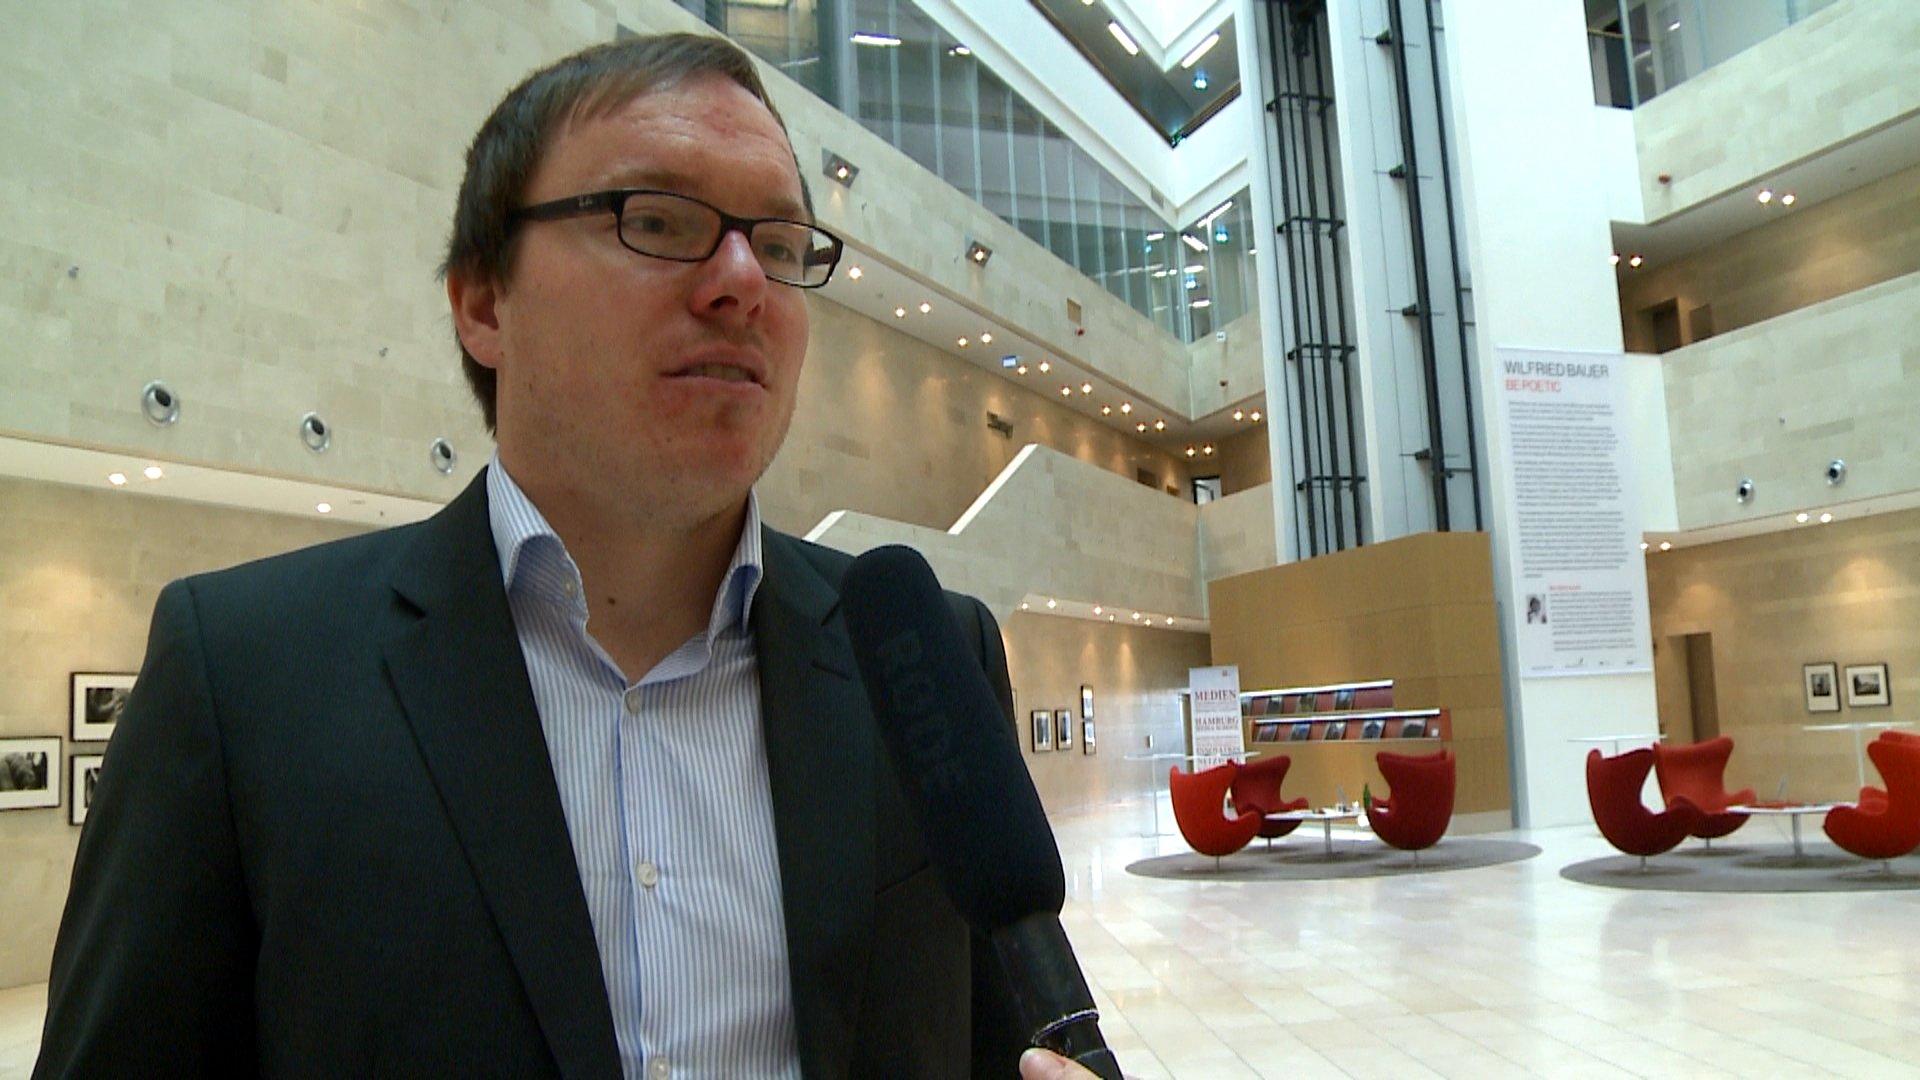 Daniel Drepper von CORRECT!v spricht im Interview mit dbate-Reporterin Denise Jacobs über investigativen Journalismus